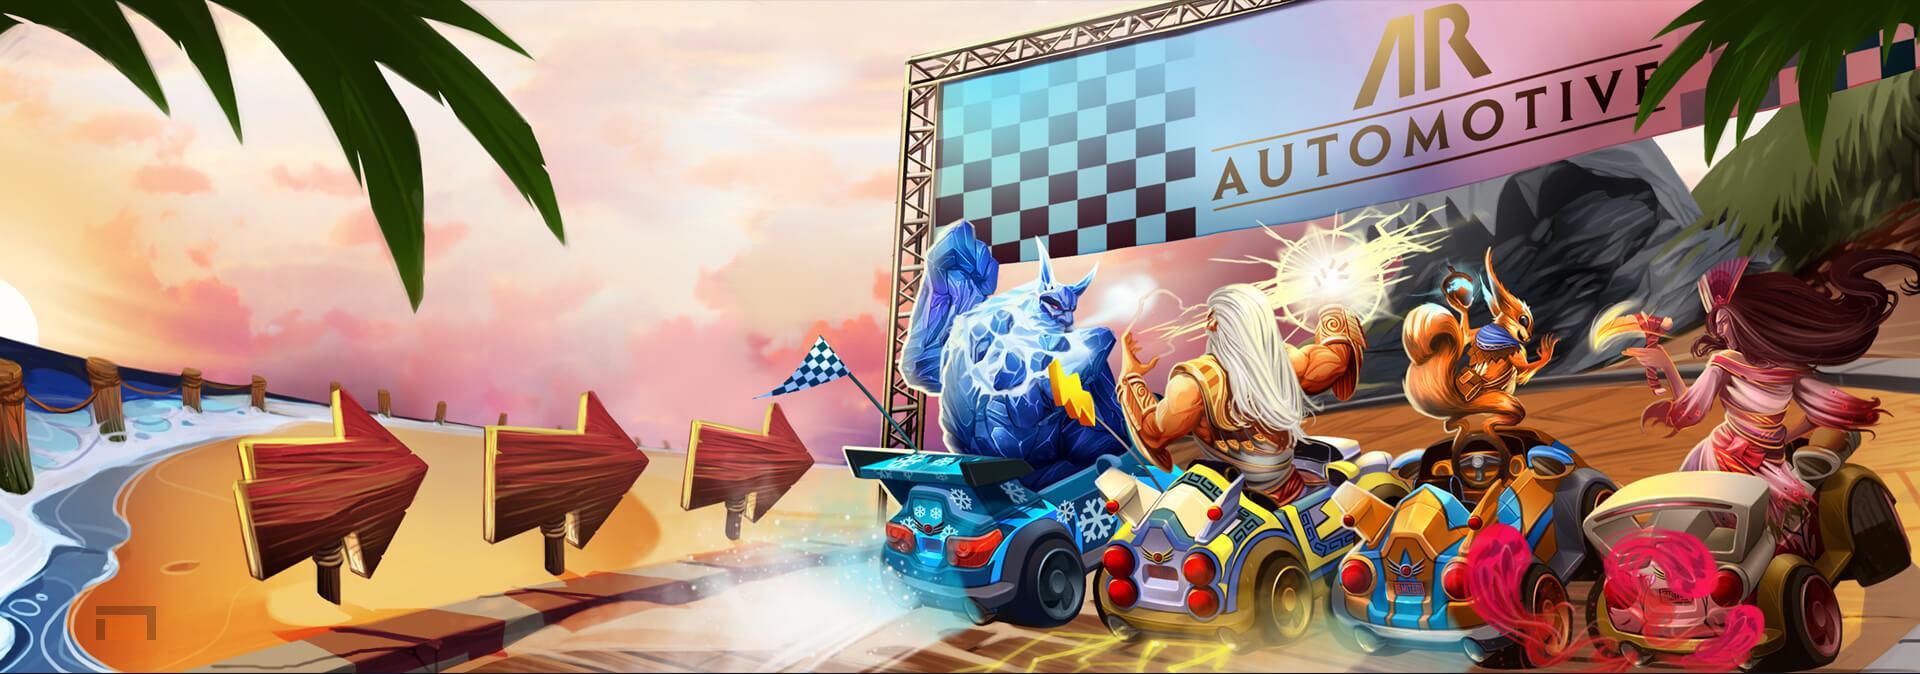 Apollo's Racer Rumble ya disponible para SMITE. Nuevo modo al estilo Mario Kart